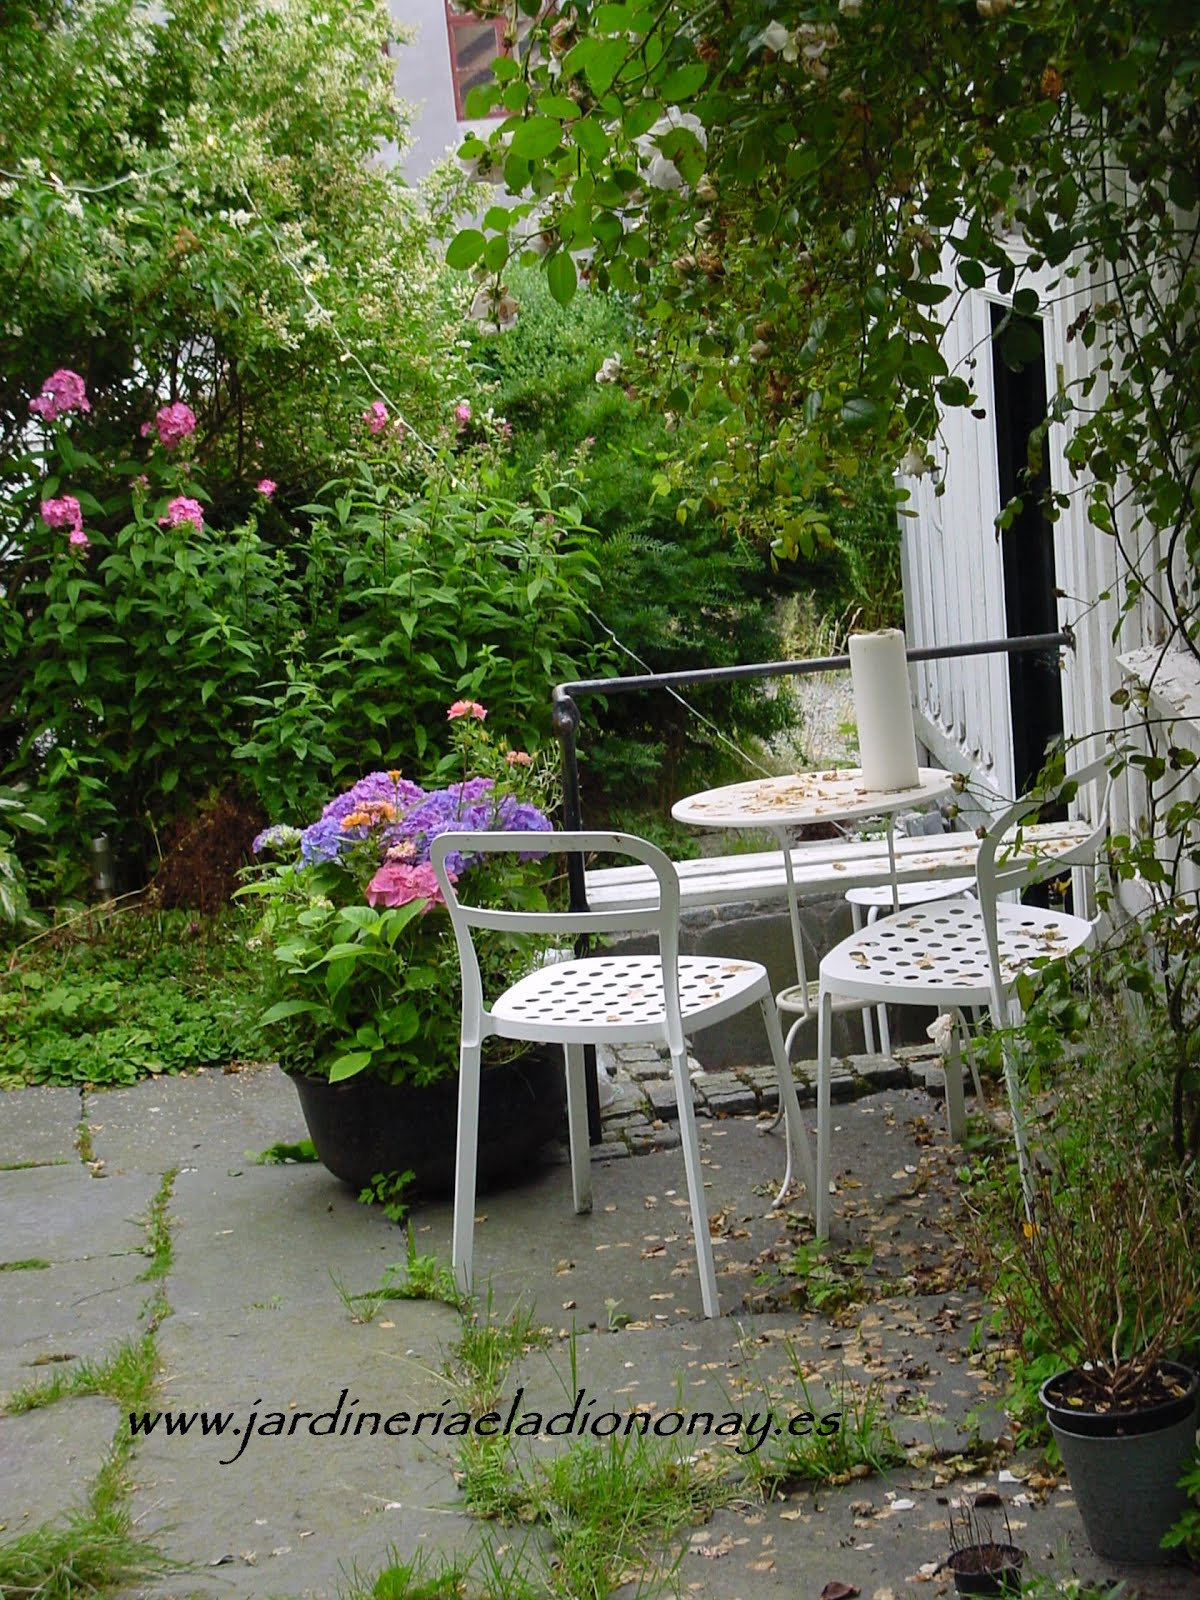 Jardineria eladio nonay un jard n poco mon tono - Jardineria eladio nonay ...